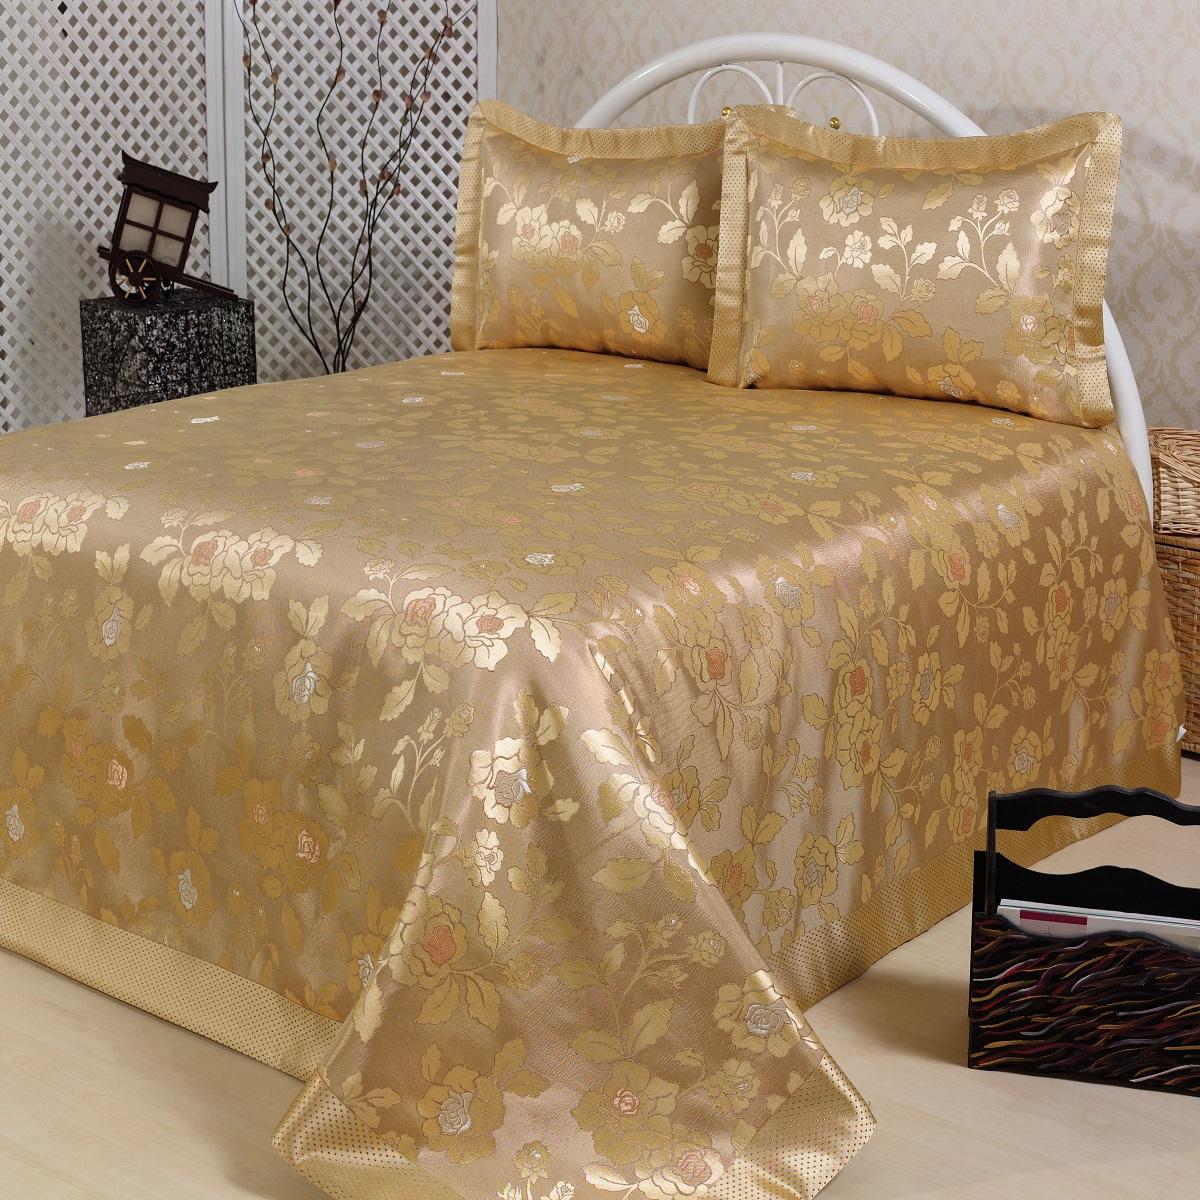 Комплект для спальни Karna Nazsu. Gul: покрывало 240 х 260 см, 2 наволочки 50 х 70 см, цвет: золотистый811/3/CHAR006Изысканный комплект Karna Nazsu. Gul прекрасно оформит интерьер спальни или гостиной. Комплект состоит из покрывала и двух наволочек. Изделия изготовлены из 50% хлопка и 50% полиэстера. Постельные комплекты Karna уникальны, так как они практичны и универсальны в использовании. Материал хорошо сохраняет окраску и форму. Изделия долговечны, надежны и легко стираются. Комплект Karna не только подарит тепло, но и гармонично впишется в интерьер вашего дома. Размер покрывала: 240 х 260 см. Размер наволочки: 50 х 70 см.